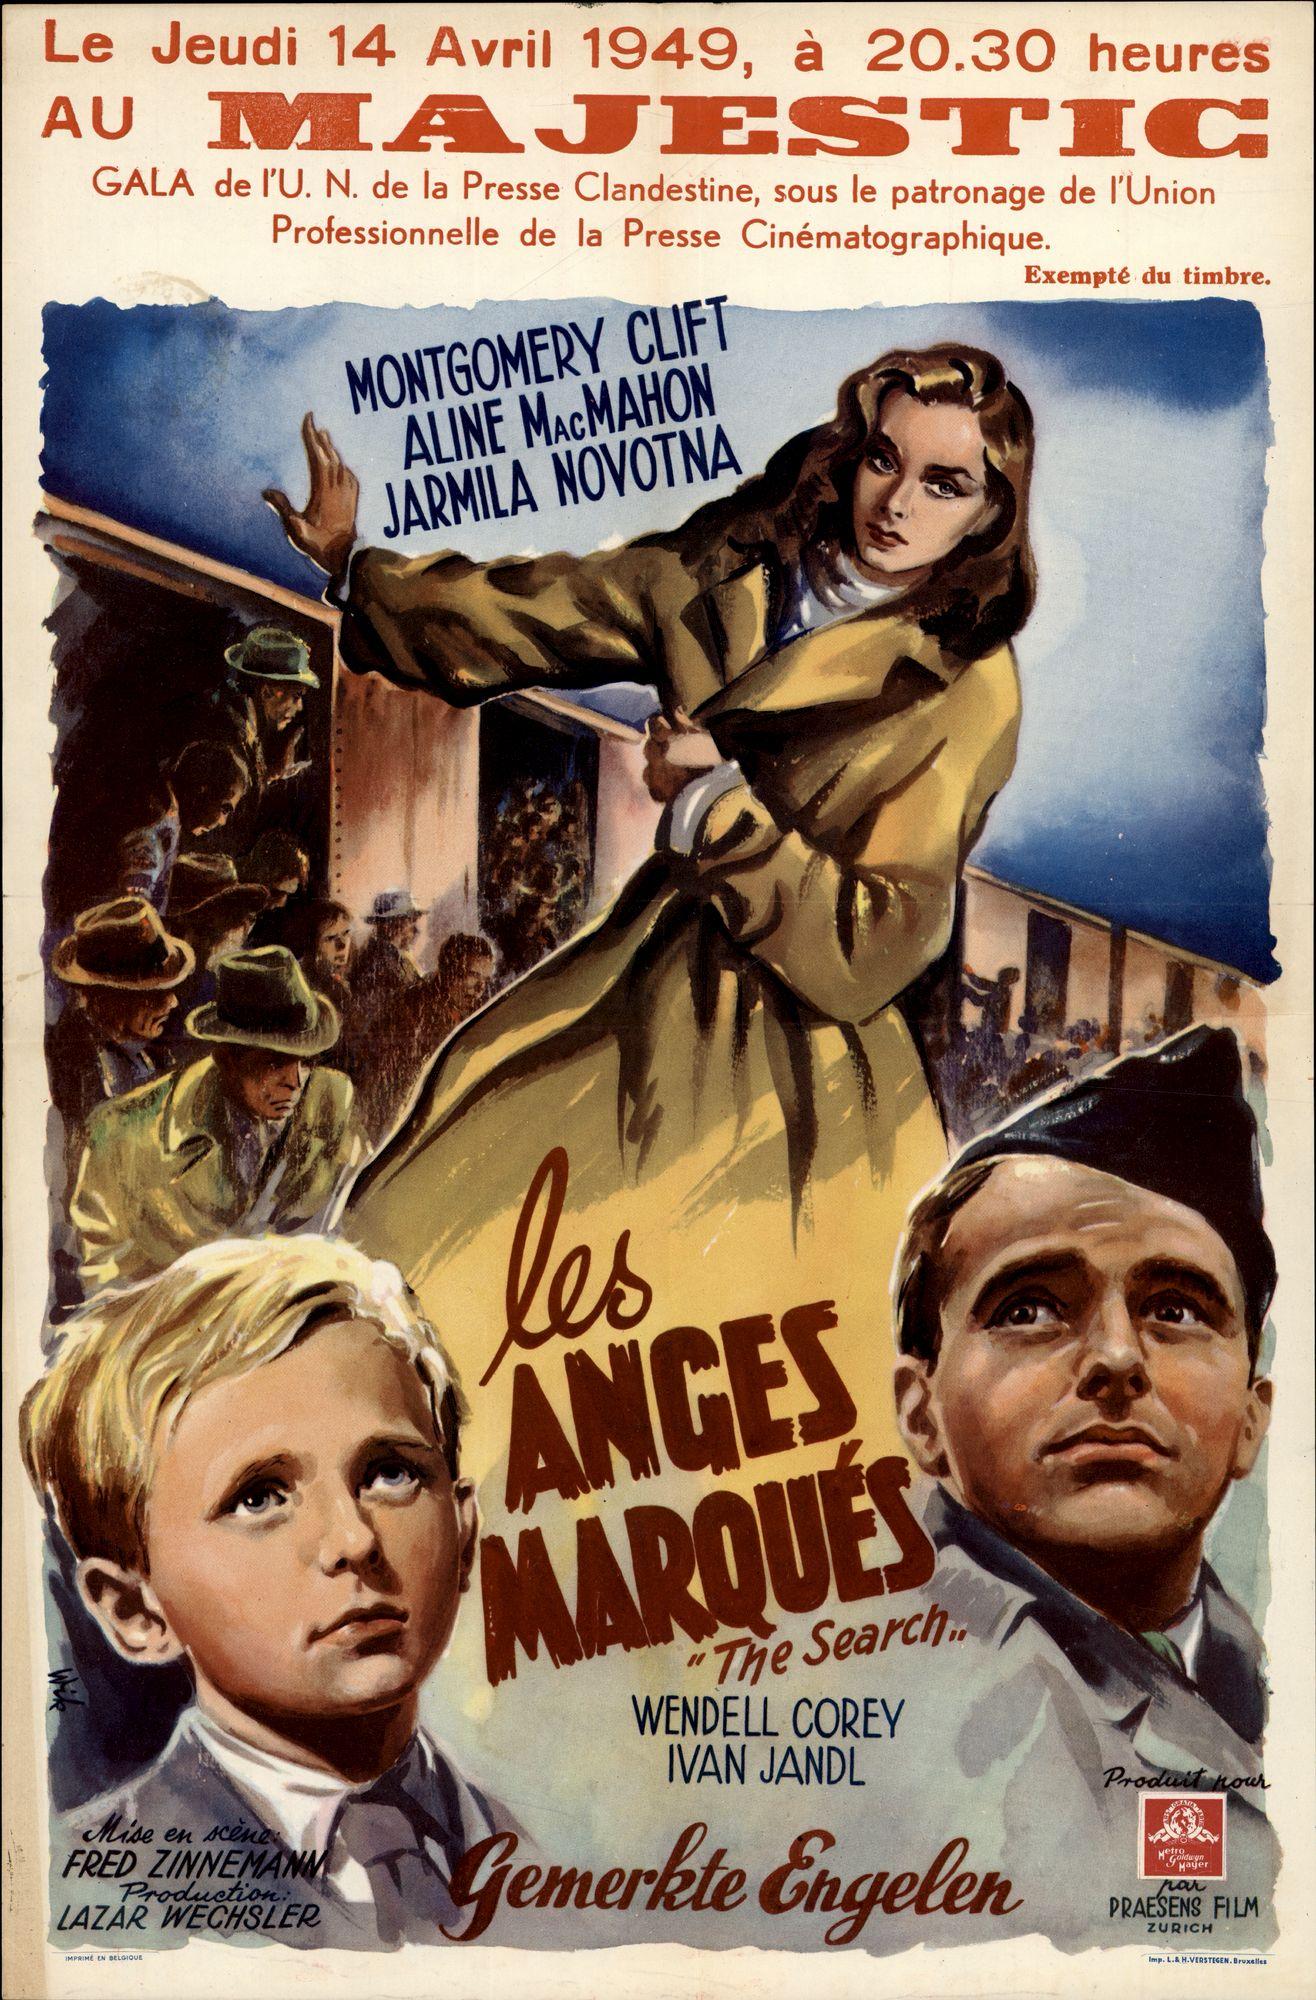 Les Anges Marqués | Gemerkte Engelen | The Searchn, Majestic, Gent, 14 april 1949